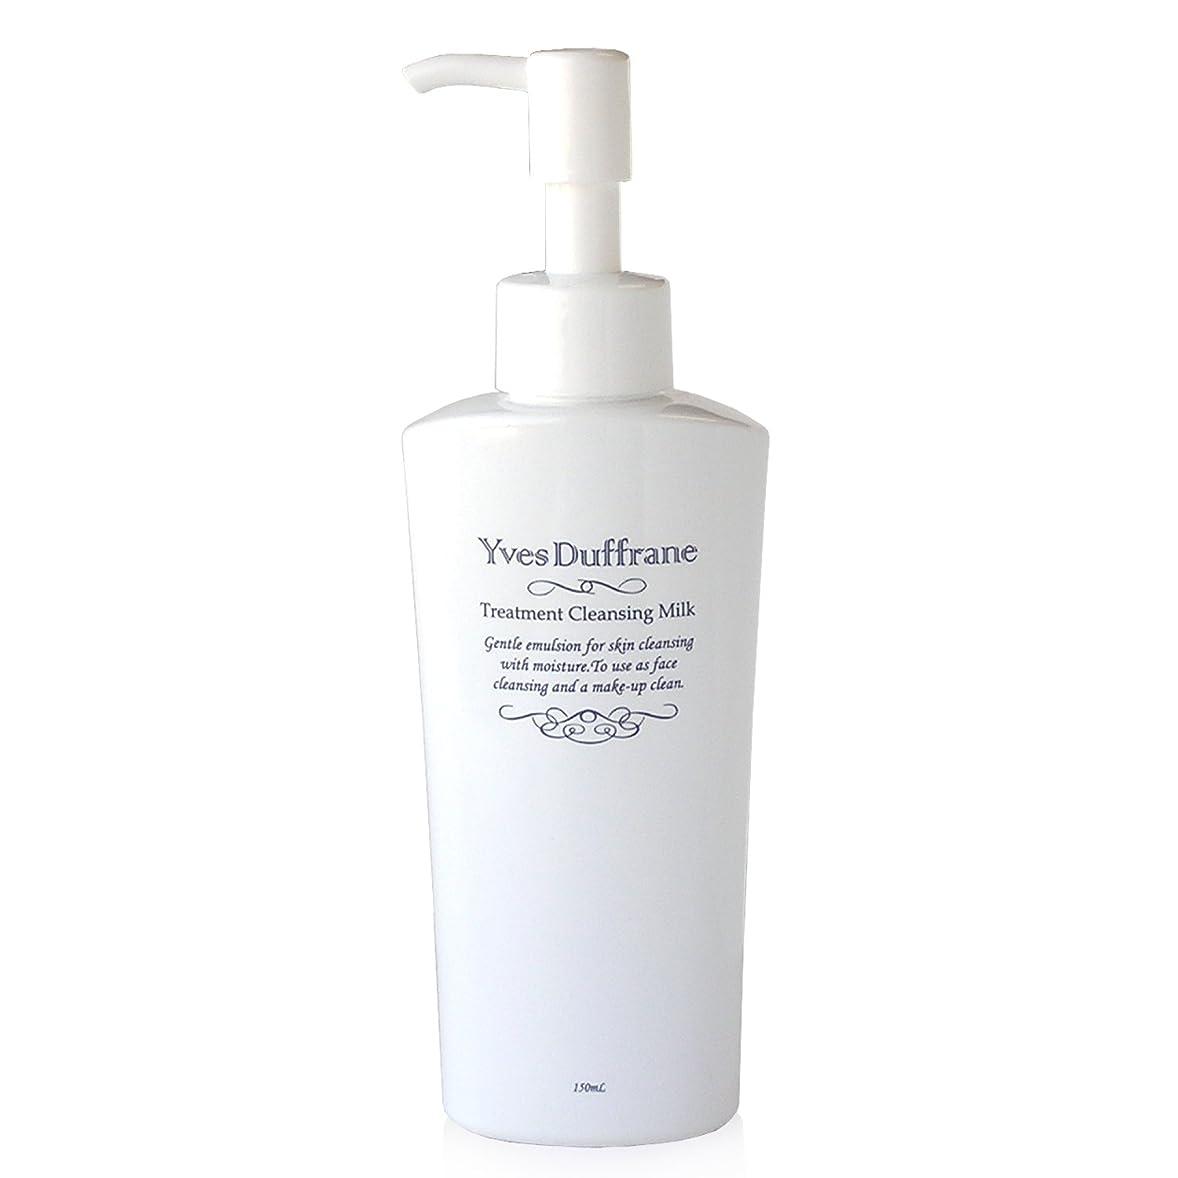 船上お風呂を持っているスマッシュクレンジングミルク W洗顔不要 [ セラミド 配合 トリートメント クレンジング ミルク ] 毛穴 敏感 乾燥肌